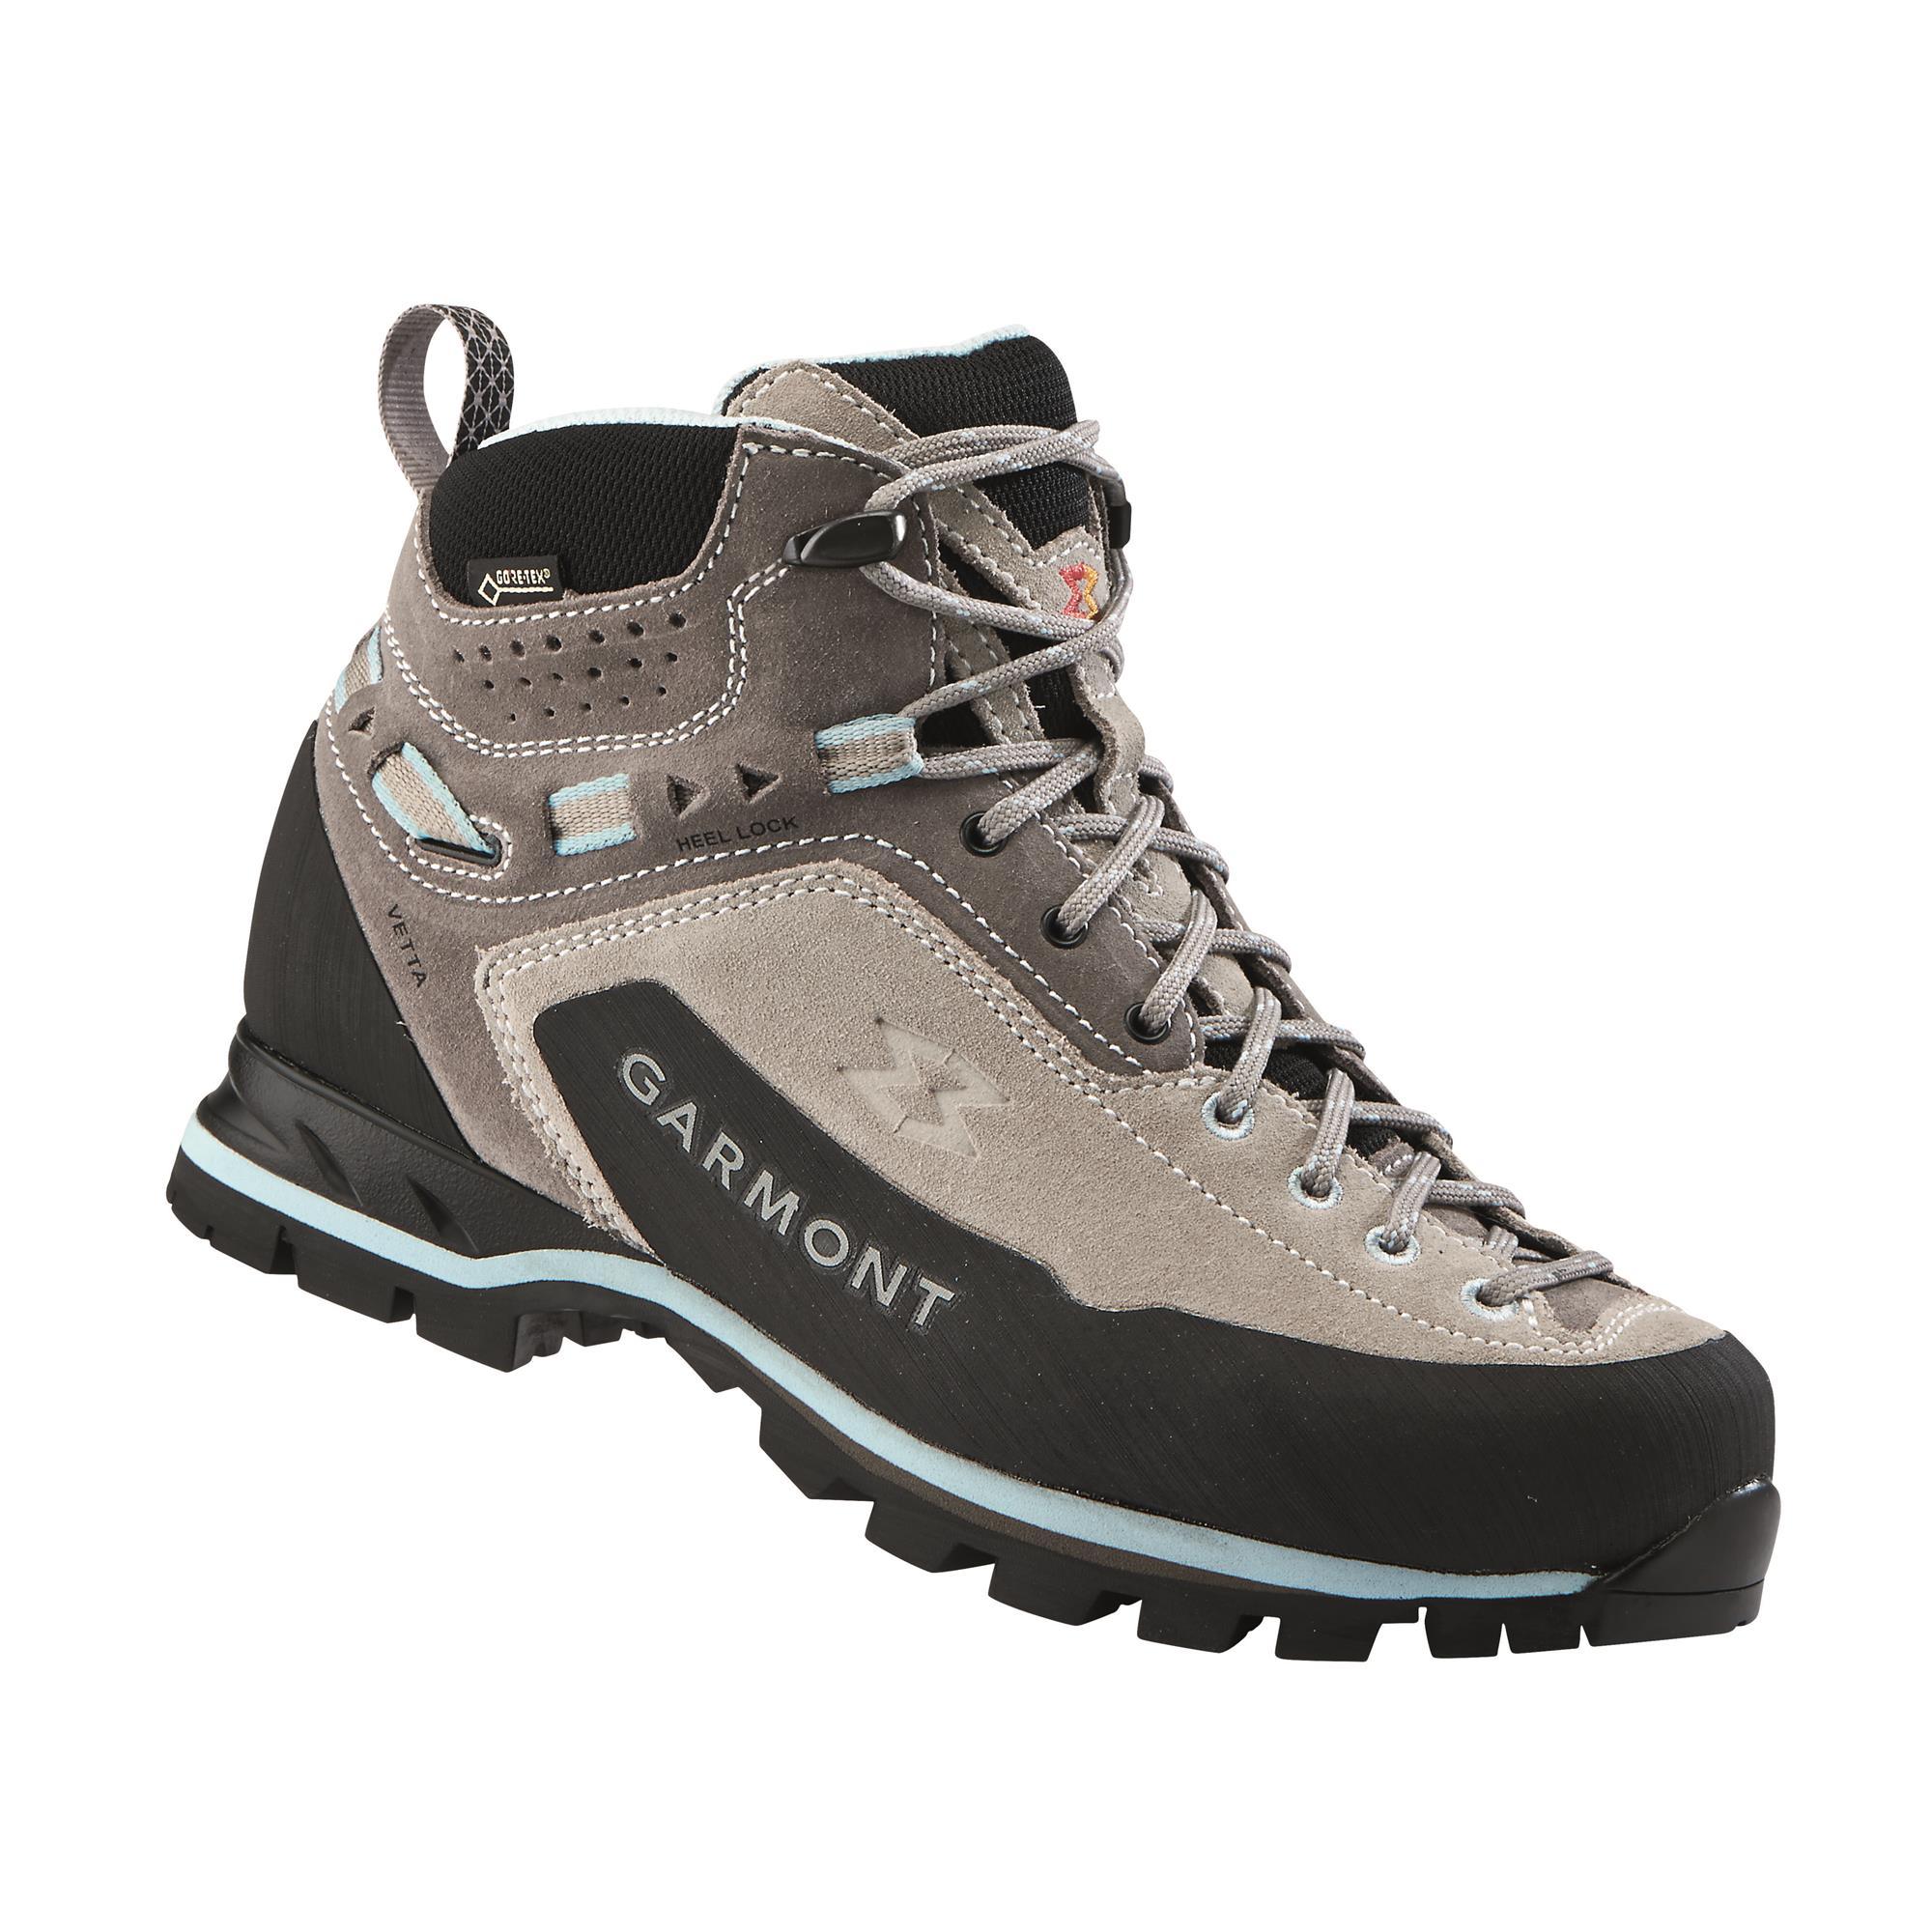 Schuhe Schuhe Bei Sportiply Bei Outdoor Outdoor Sportiply Outdoor DIEWHY29